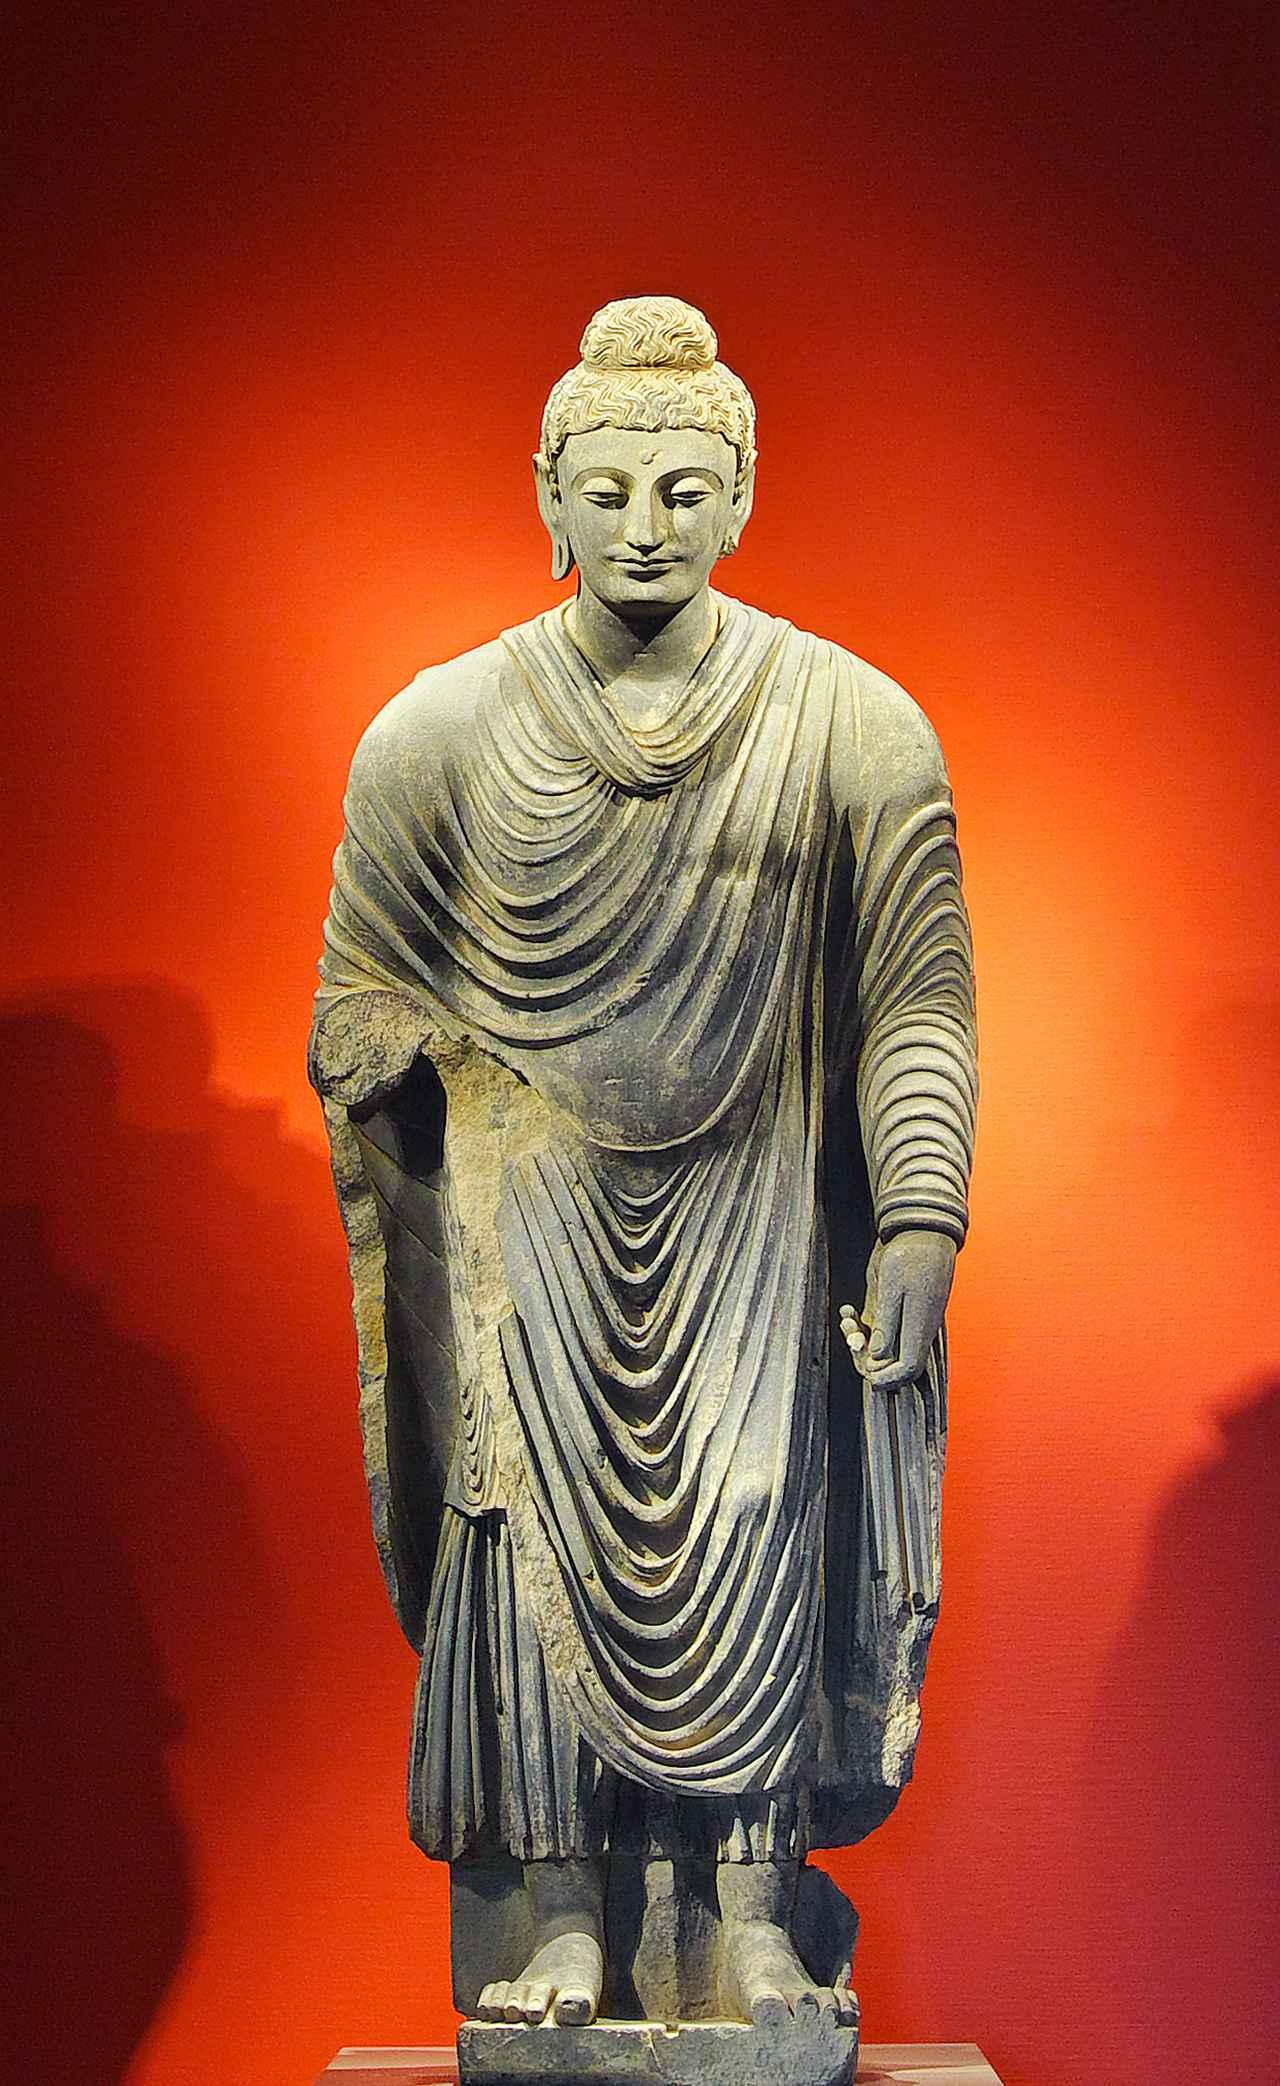 画像: 「仏立像」(ぶつりゅうぞう) 中央アジア ガンダーラ 2世紀後半期 片岩 高250.0cm